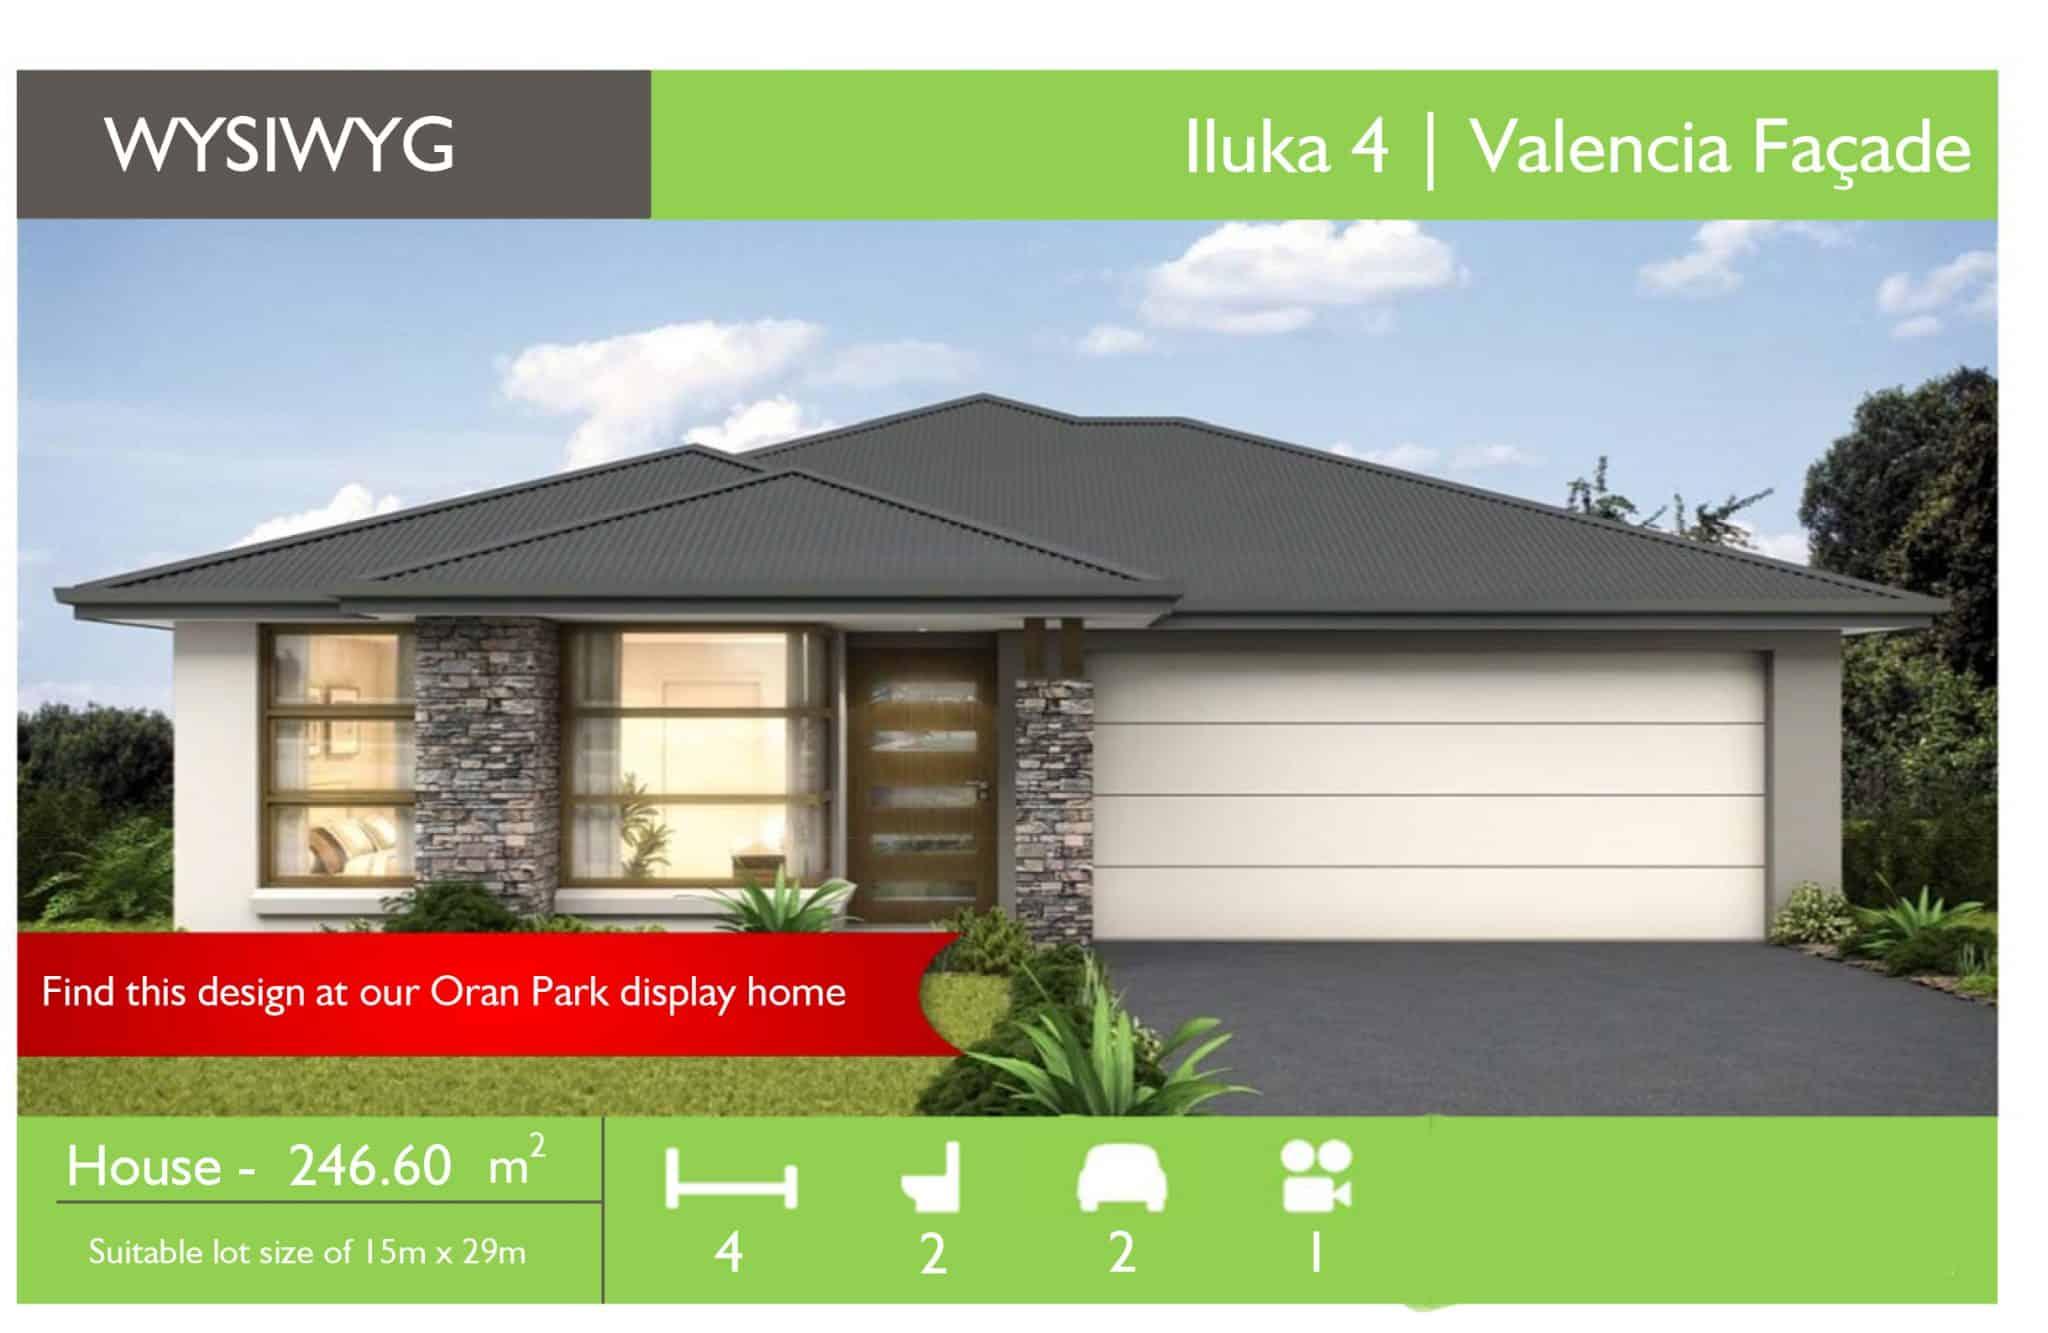 WYSIWYG Oran Park - Iluka 4 Valencia - Sydney Quick Qoute.xlsm